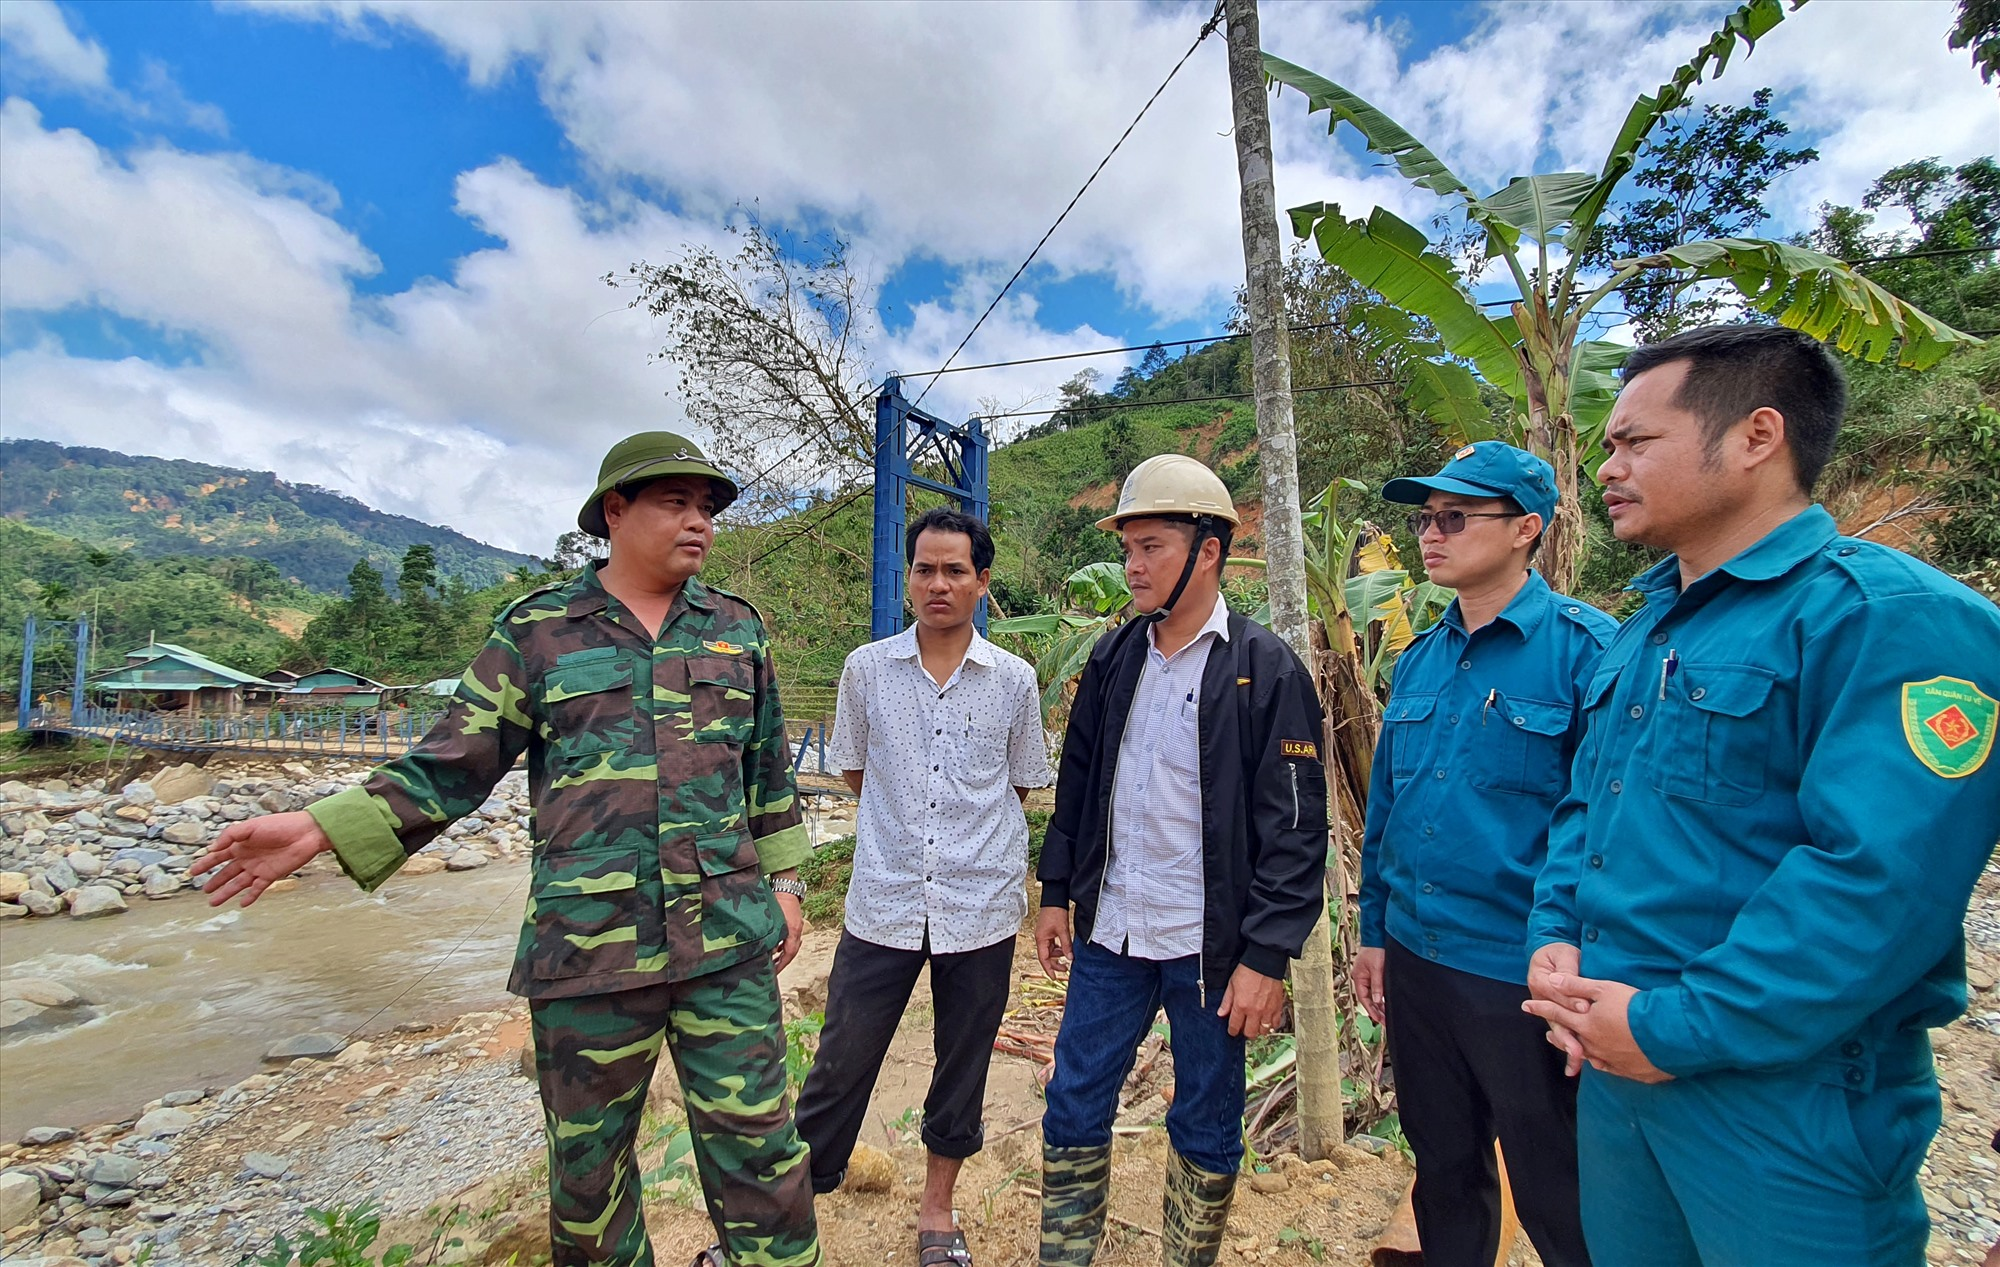 Trưởng Ban Nội chính Tỉnh ủy Nguyễn Mạnh Hà kiểm tra, chỉ đạo tình hình khắc phục hậu quả thiên tai tại xã Phước Thành sáng 19.11. Ảnh: T.C